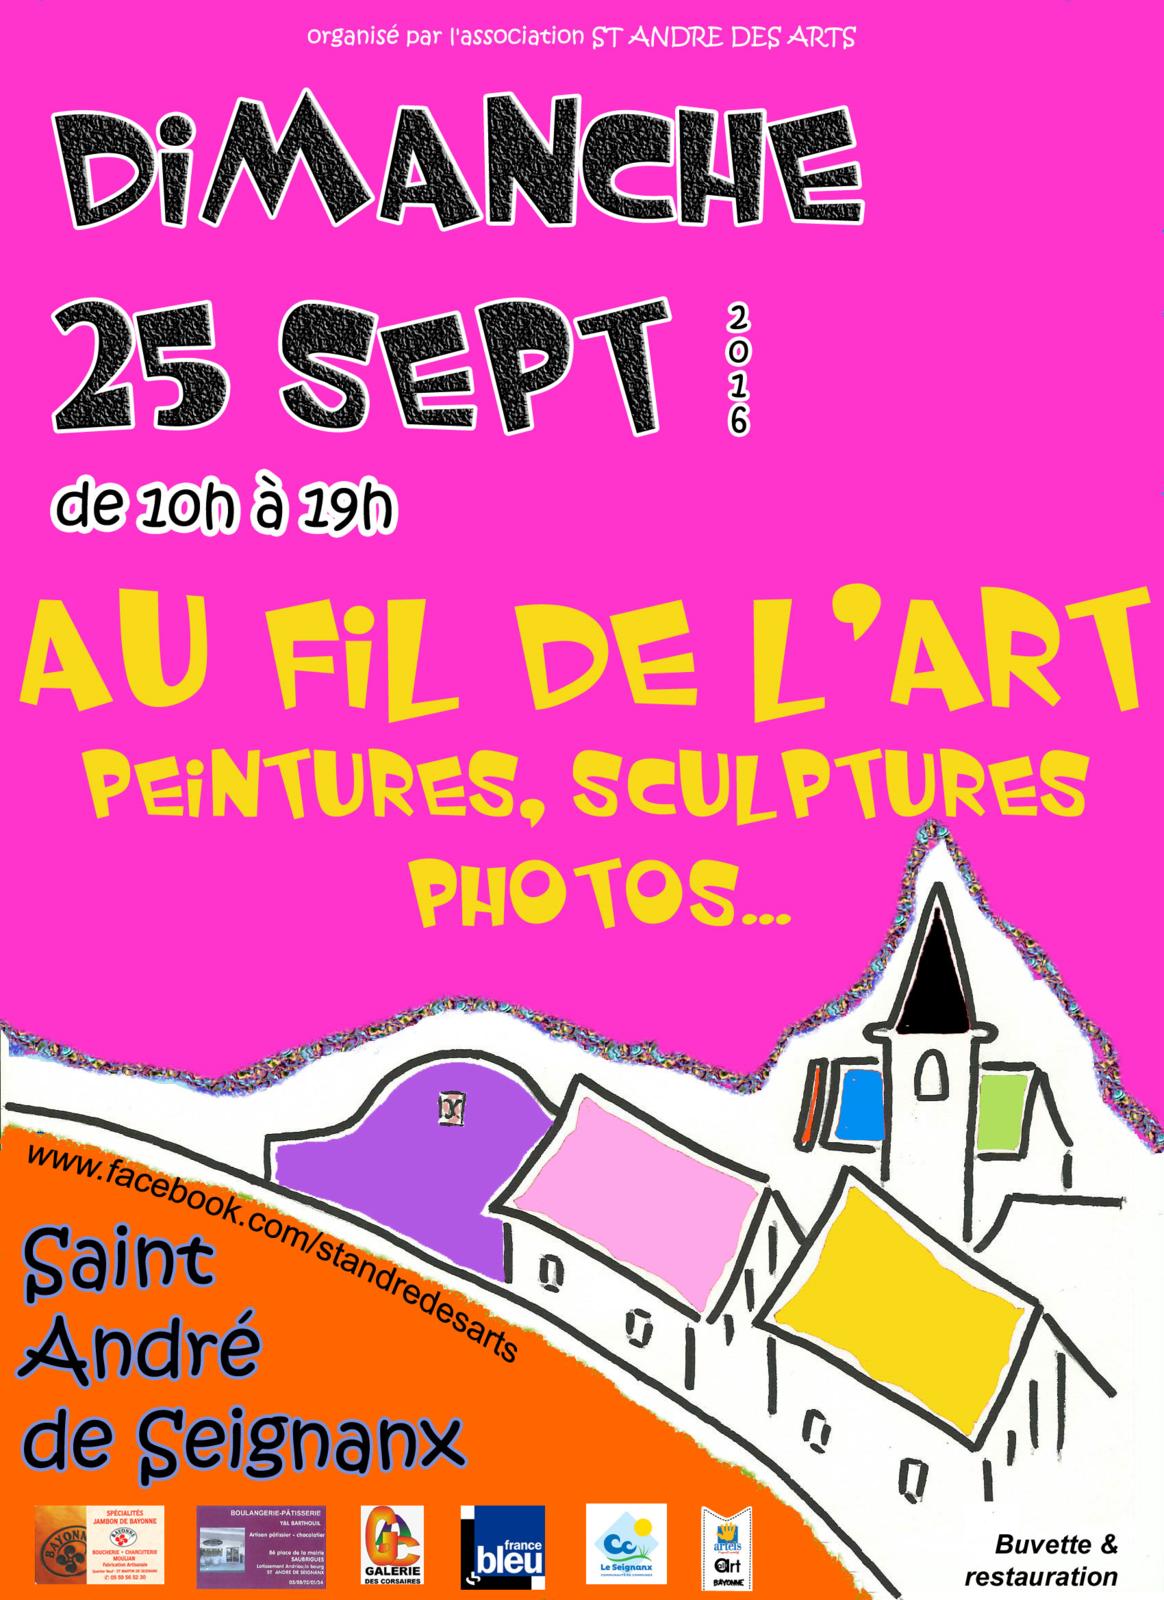 Une suggestion pour Dimanche : l'expo à St André de Seignanx